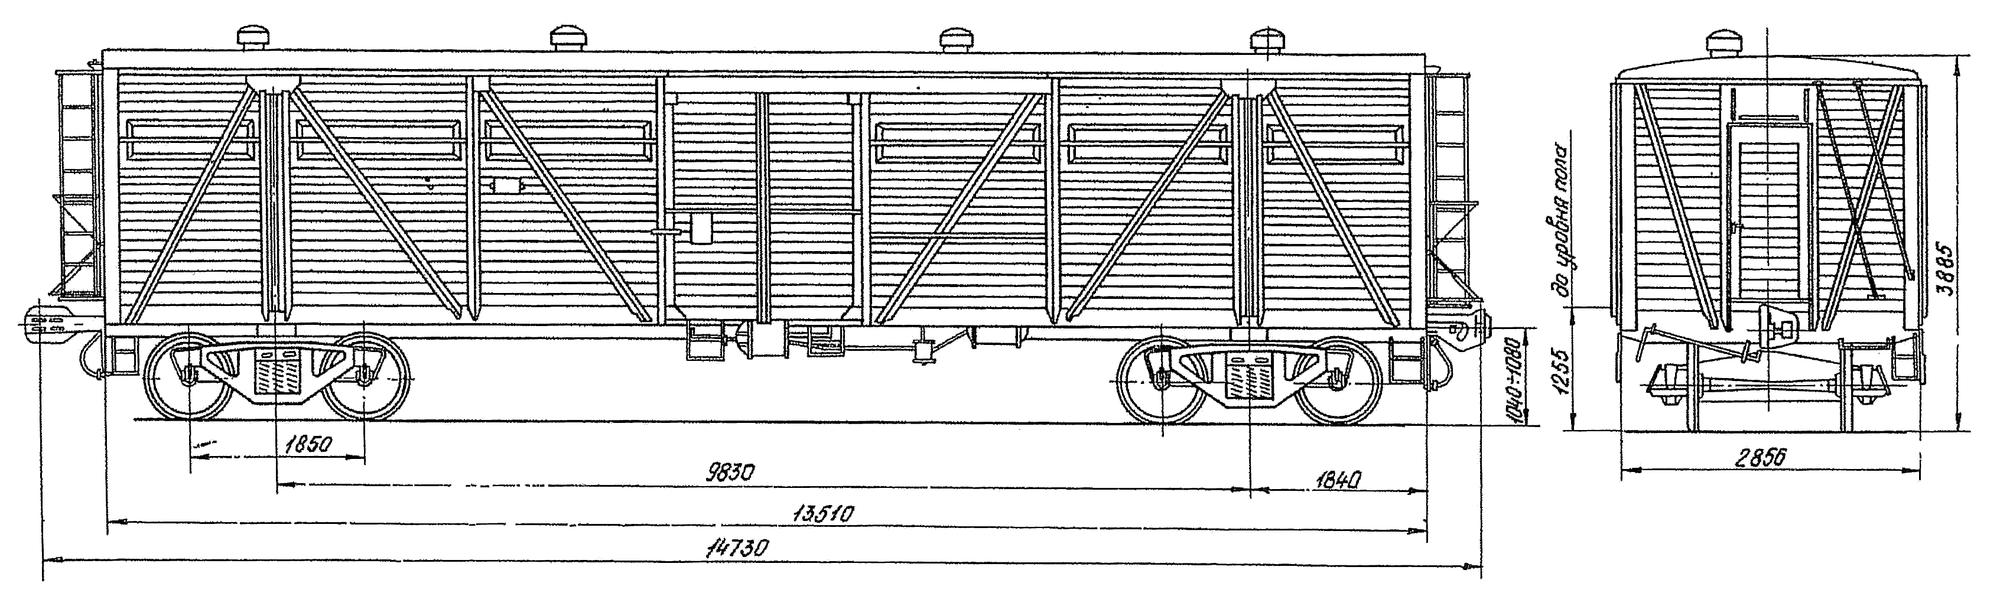 4-осный крытый вагон для скота с верхним расположением люков